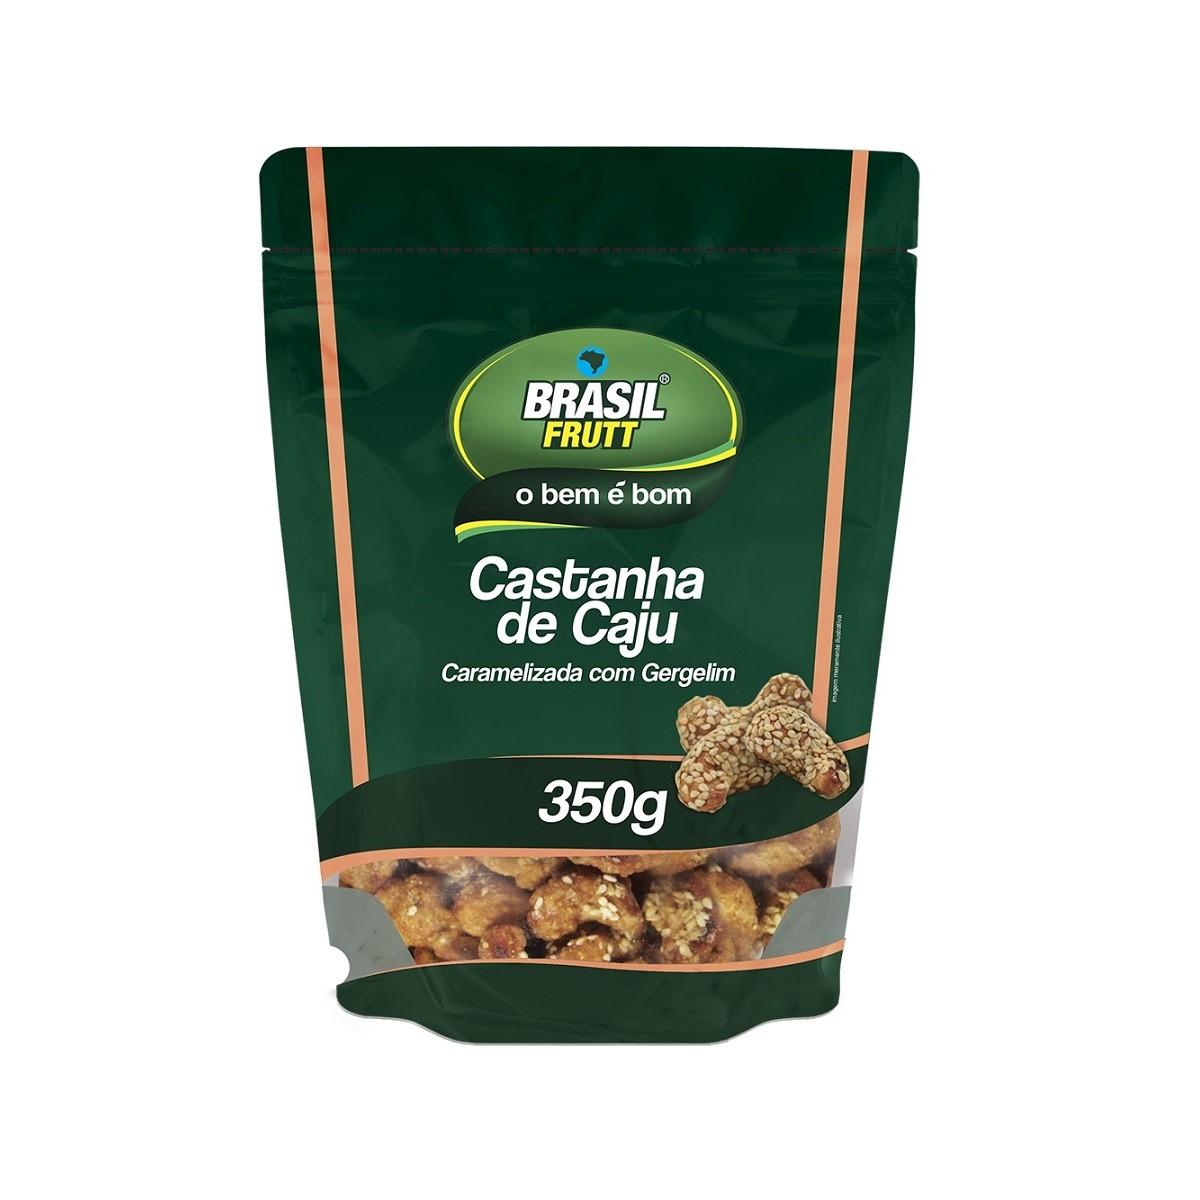 CASTANHA DE CAJU CARAMELIZADA COM GERGELIM BRASIL FRUTT 350G